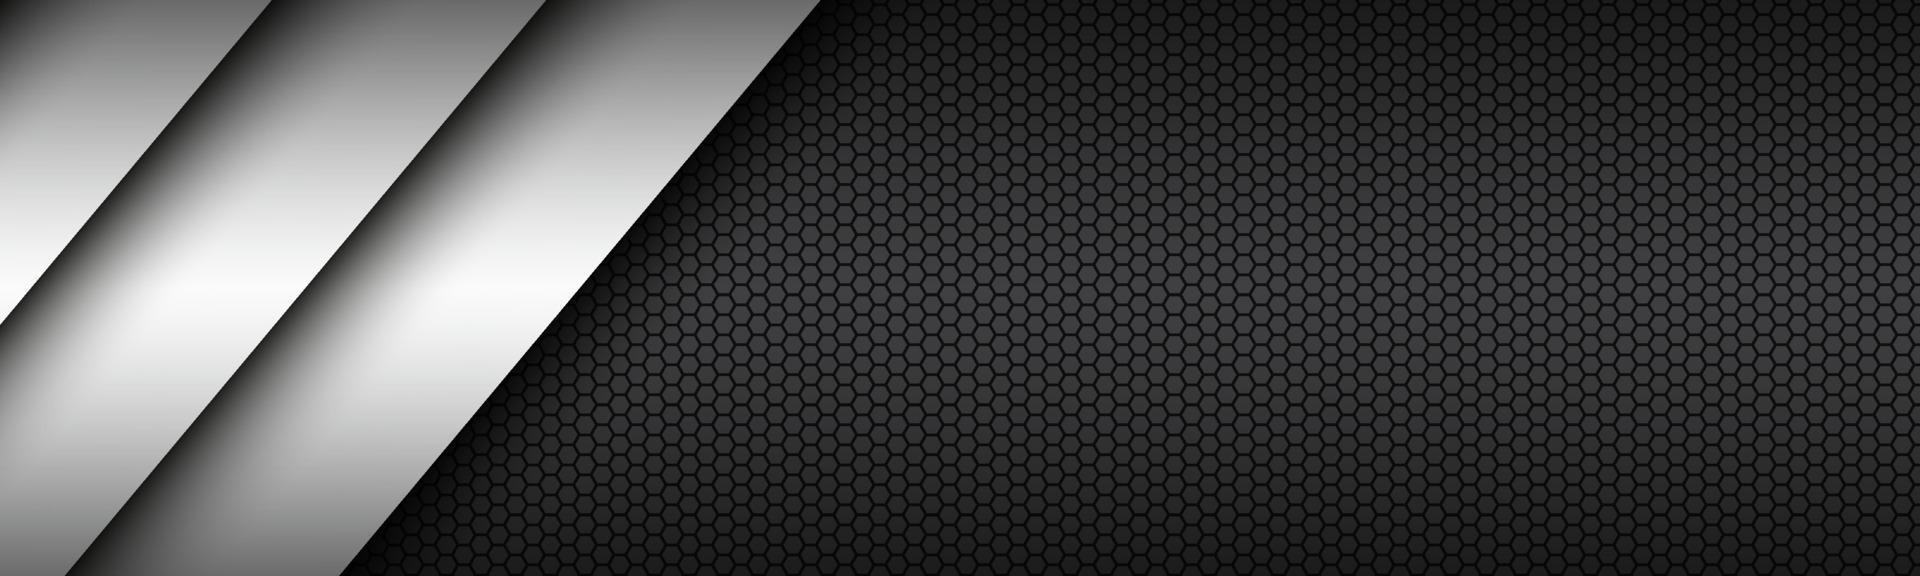 zwart en wit modern materiaalontwerp met een zeshoekige kop. bedrijfssjabloon voor uw bedrijf. vector abstracte breedbeeldbanner